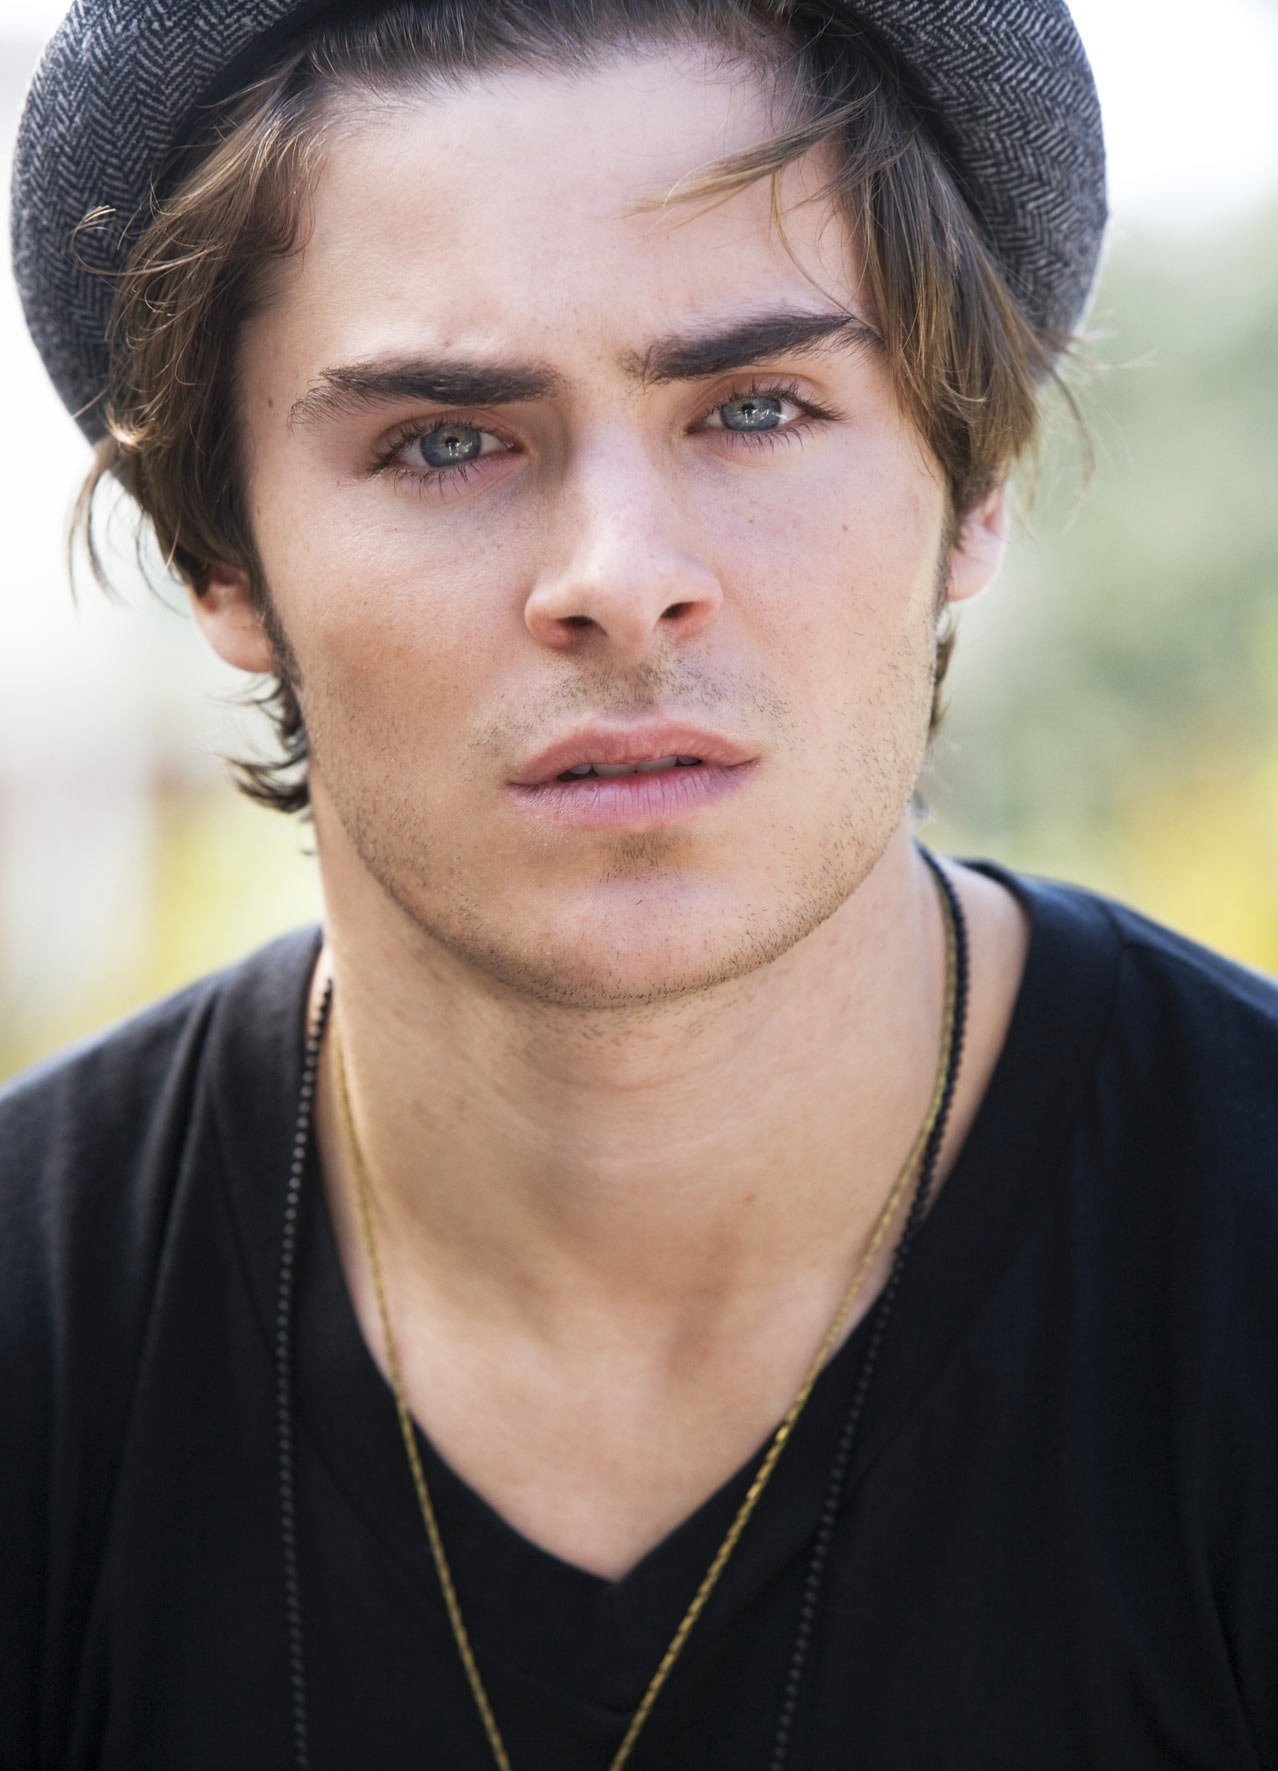 Самые красивые актеры мира — мужчины